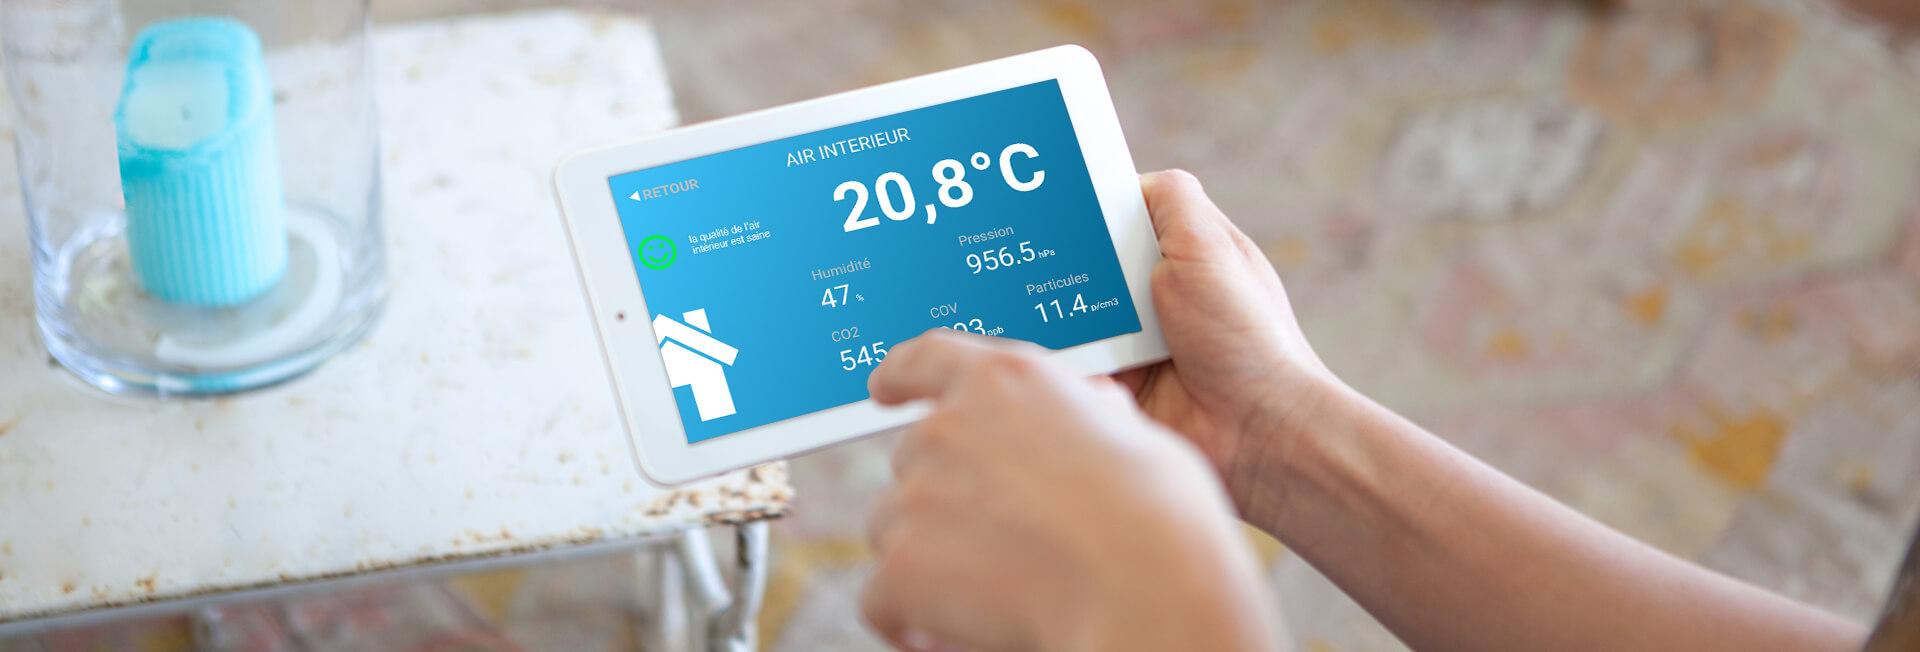 Tablette avec le taux d'humidité dans la maison